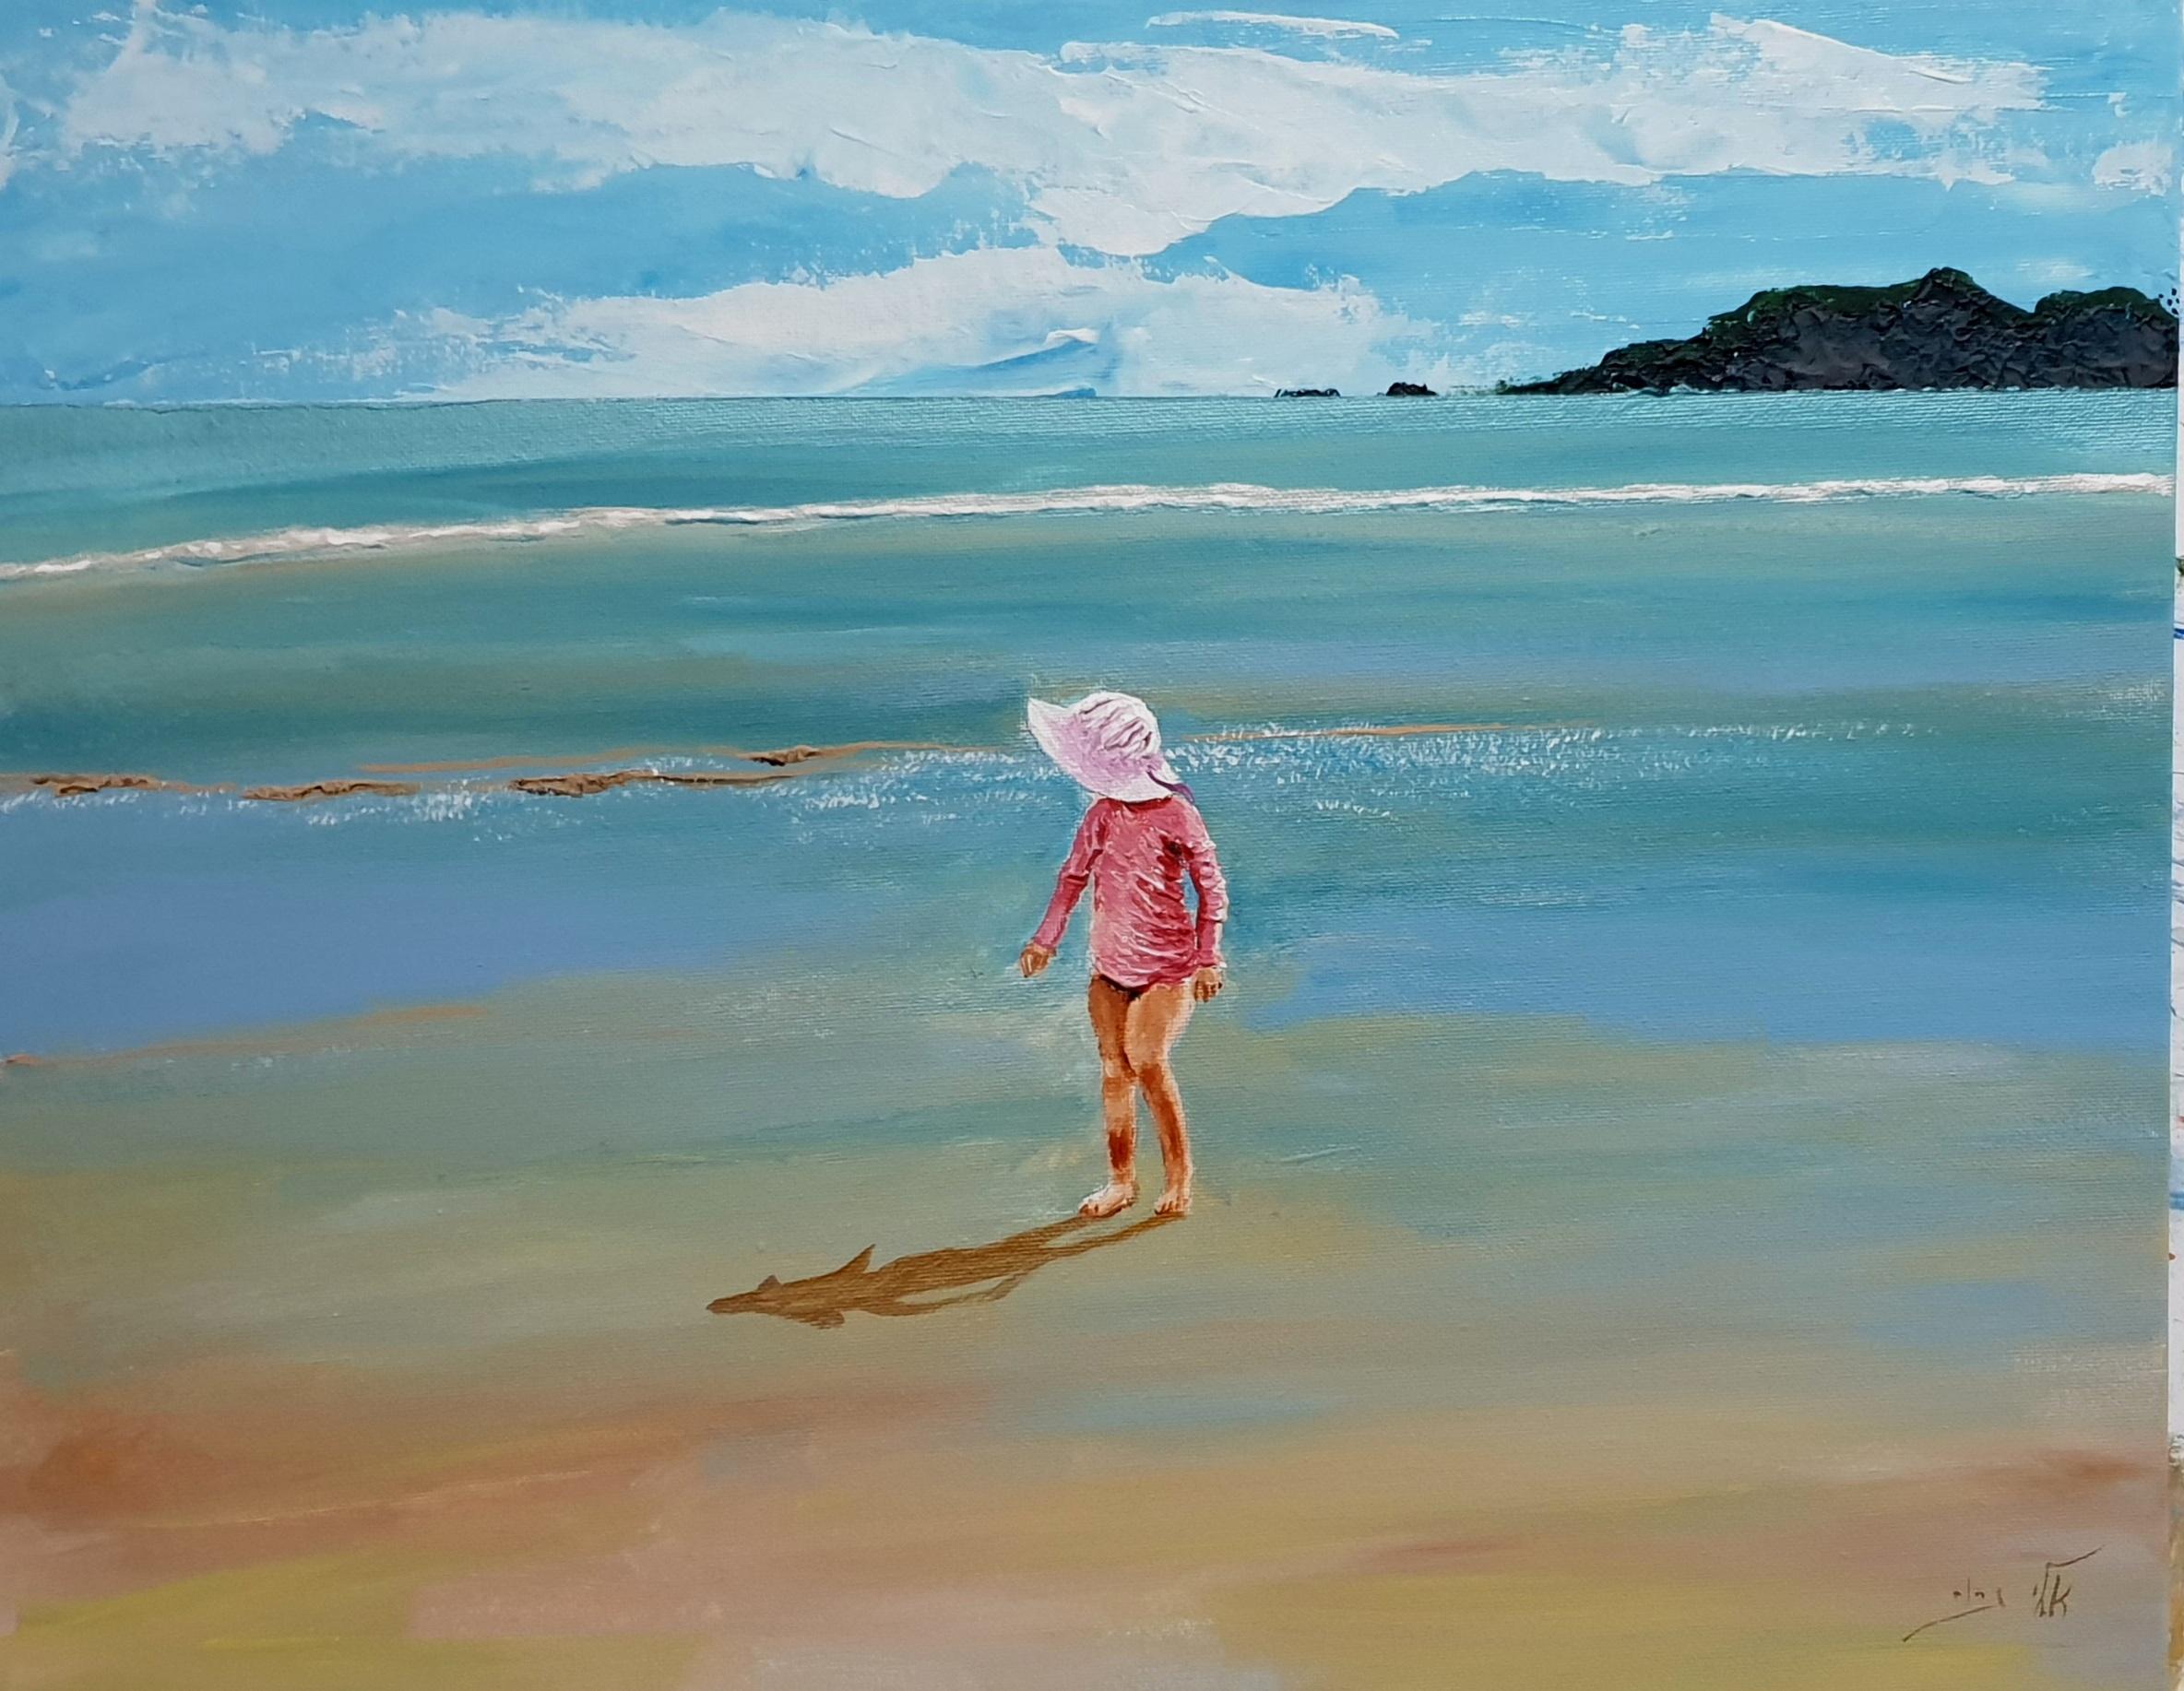 בת ים עולה לחוף בצבע ורוד קטיפתי - אקריל